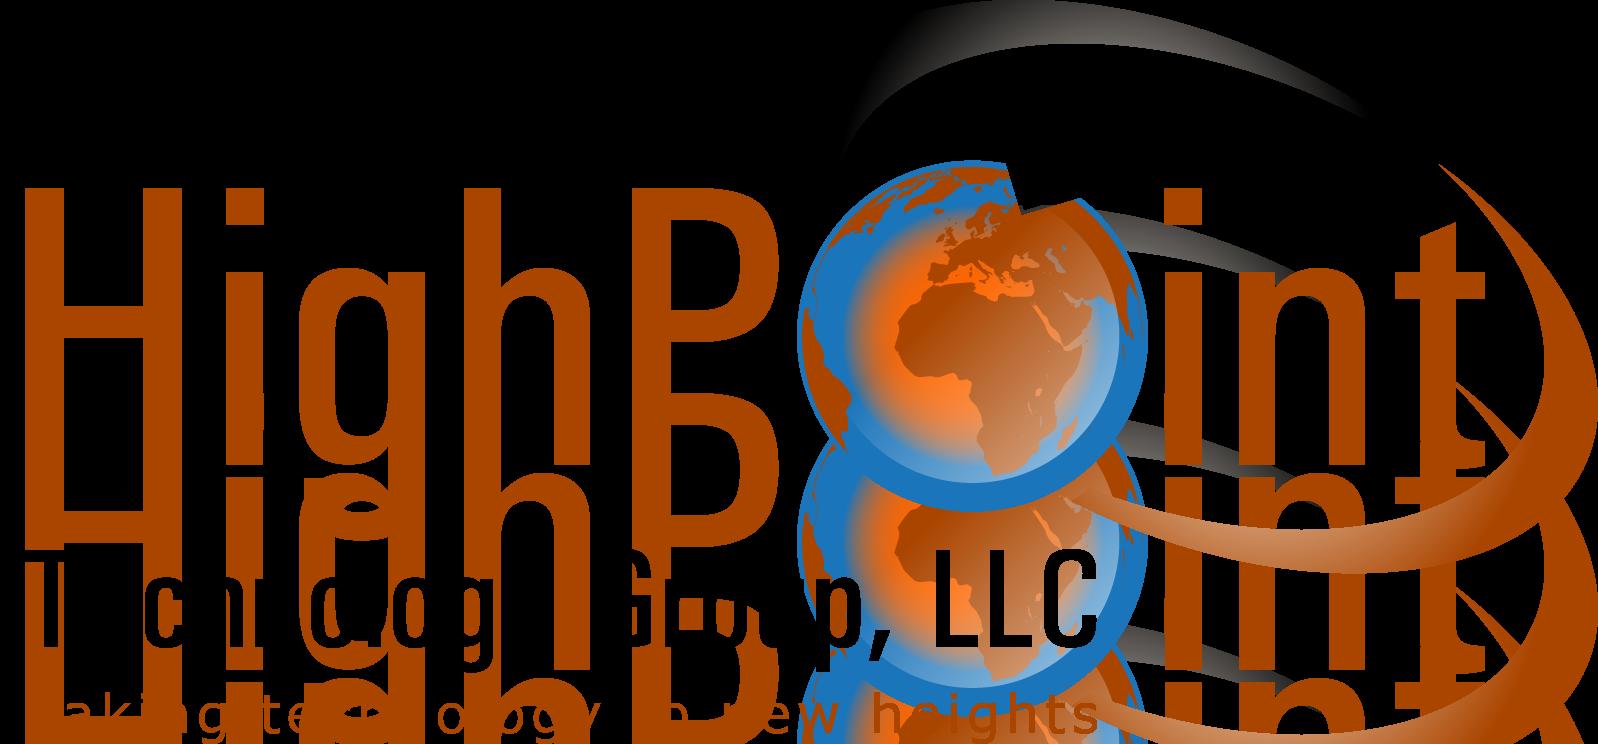 Highpoint_Technology_Group_LLC_final.png